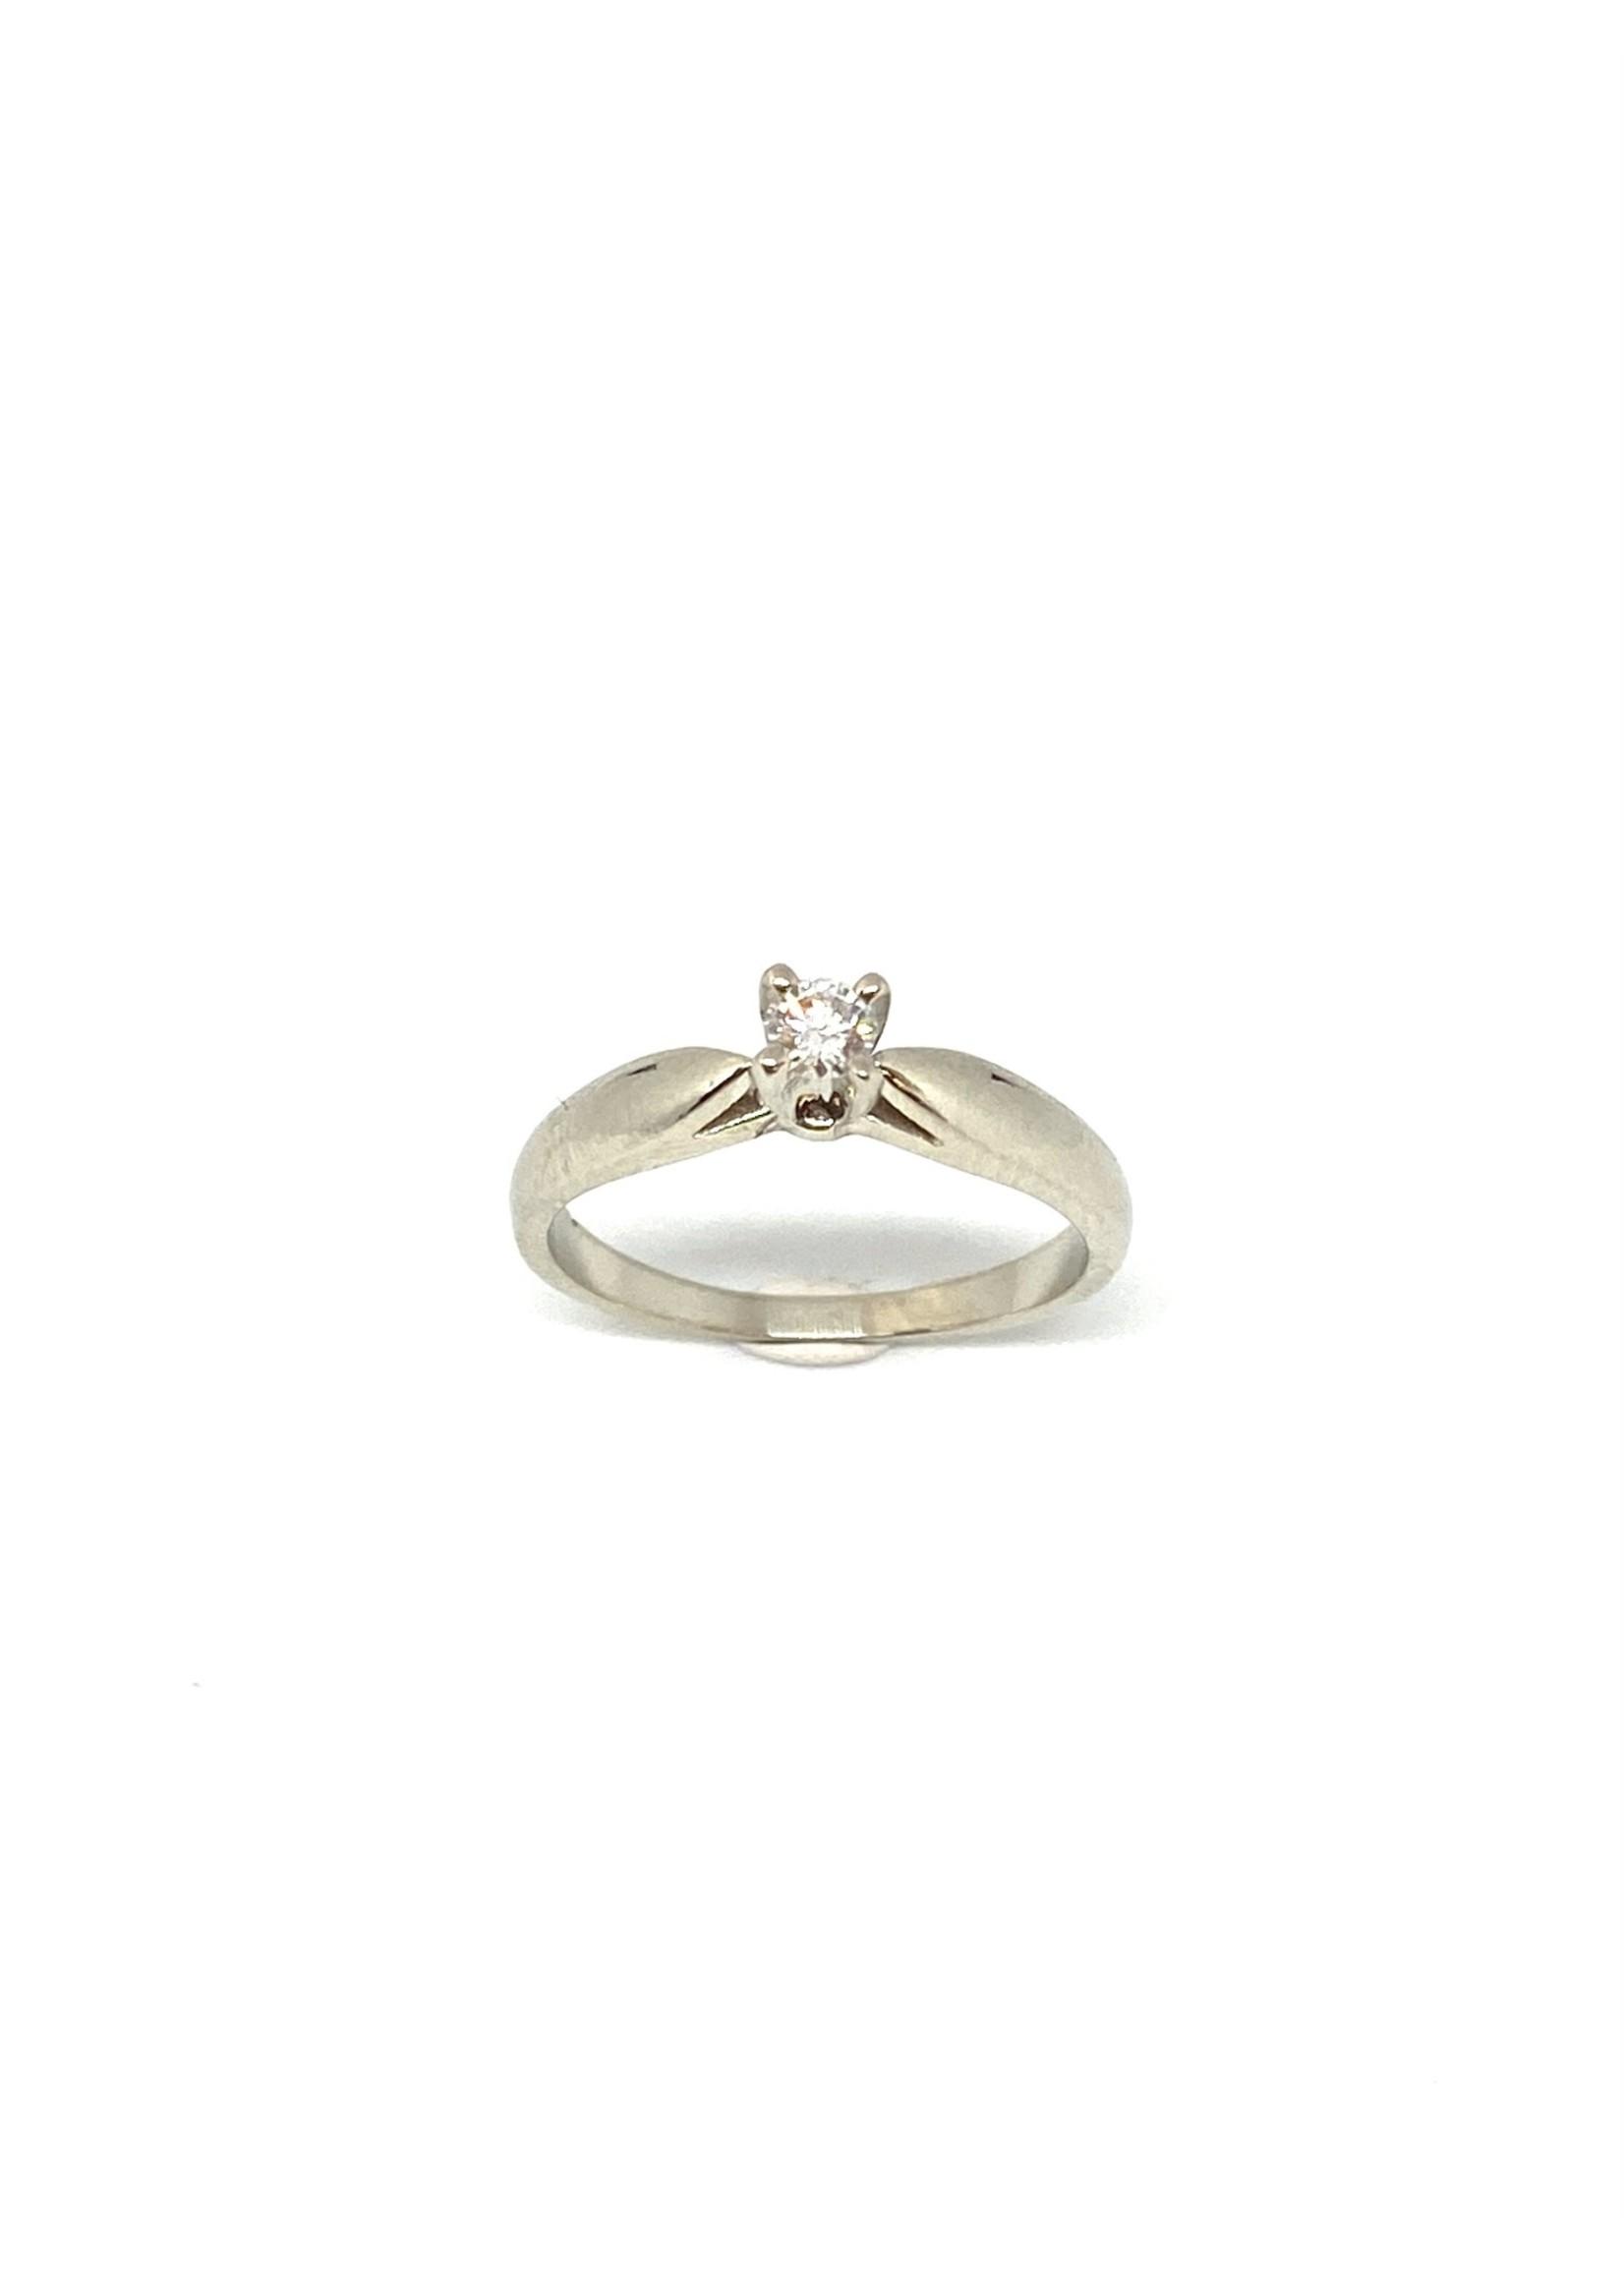 PARÉ Bague solitaire Or blanc 10K avec Diamant